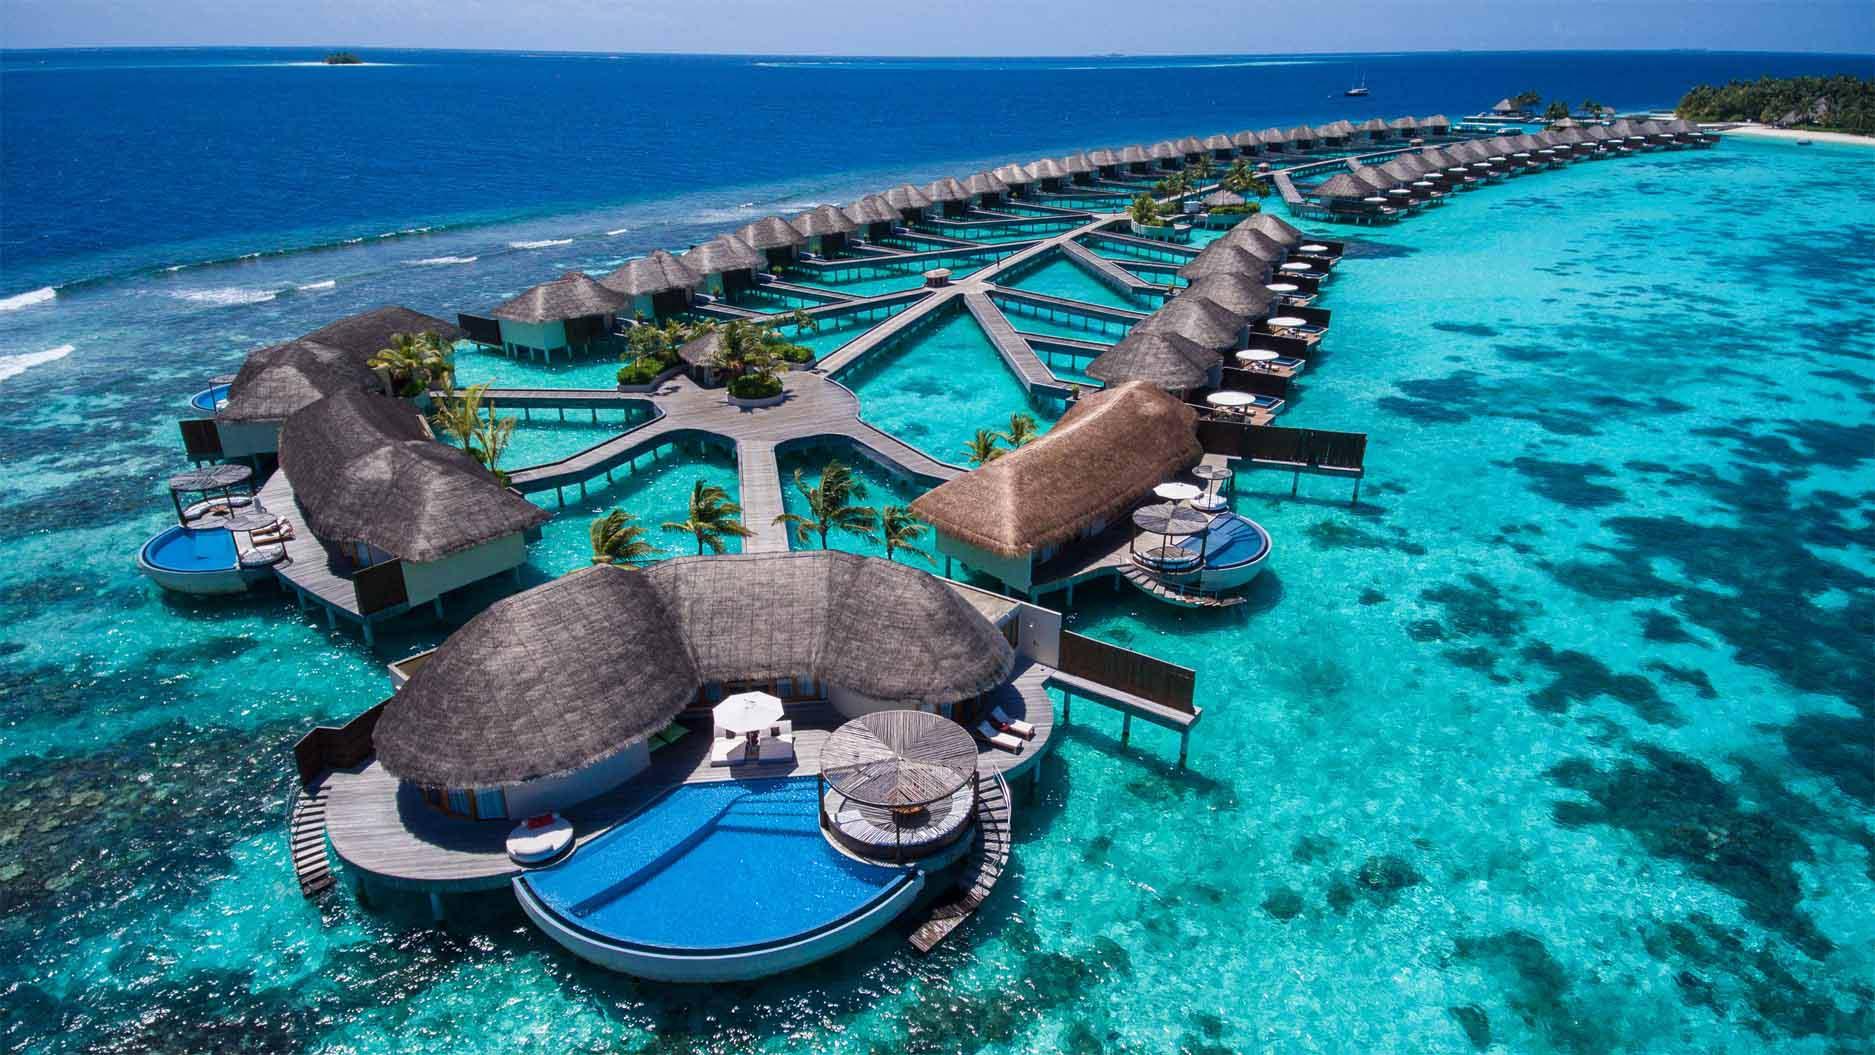 منتجعات اقتصادية في المالديف 2018